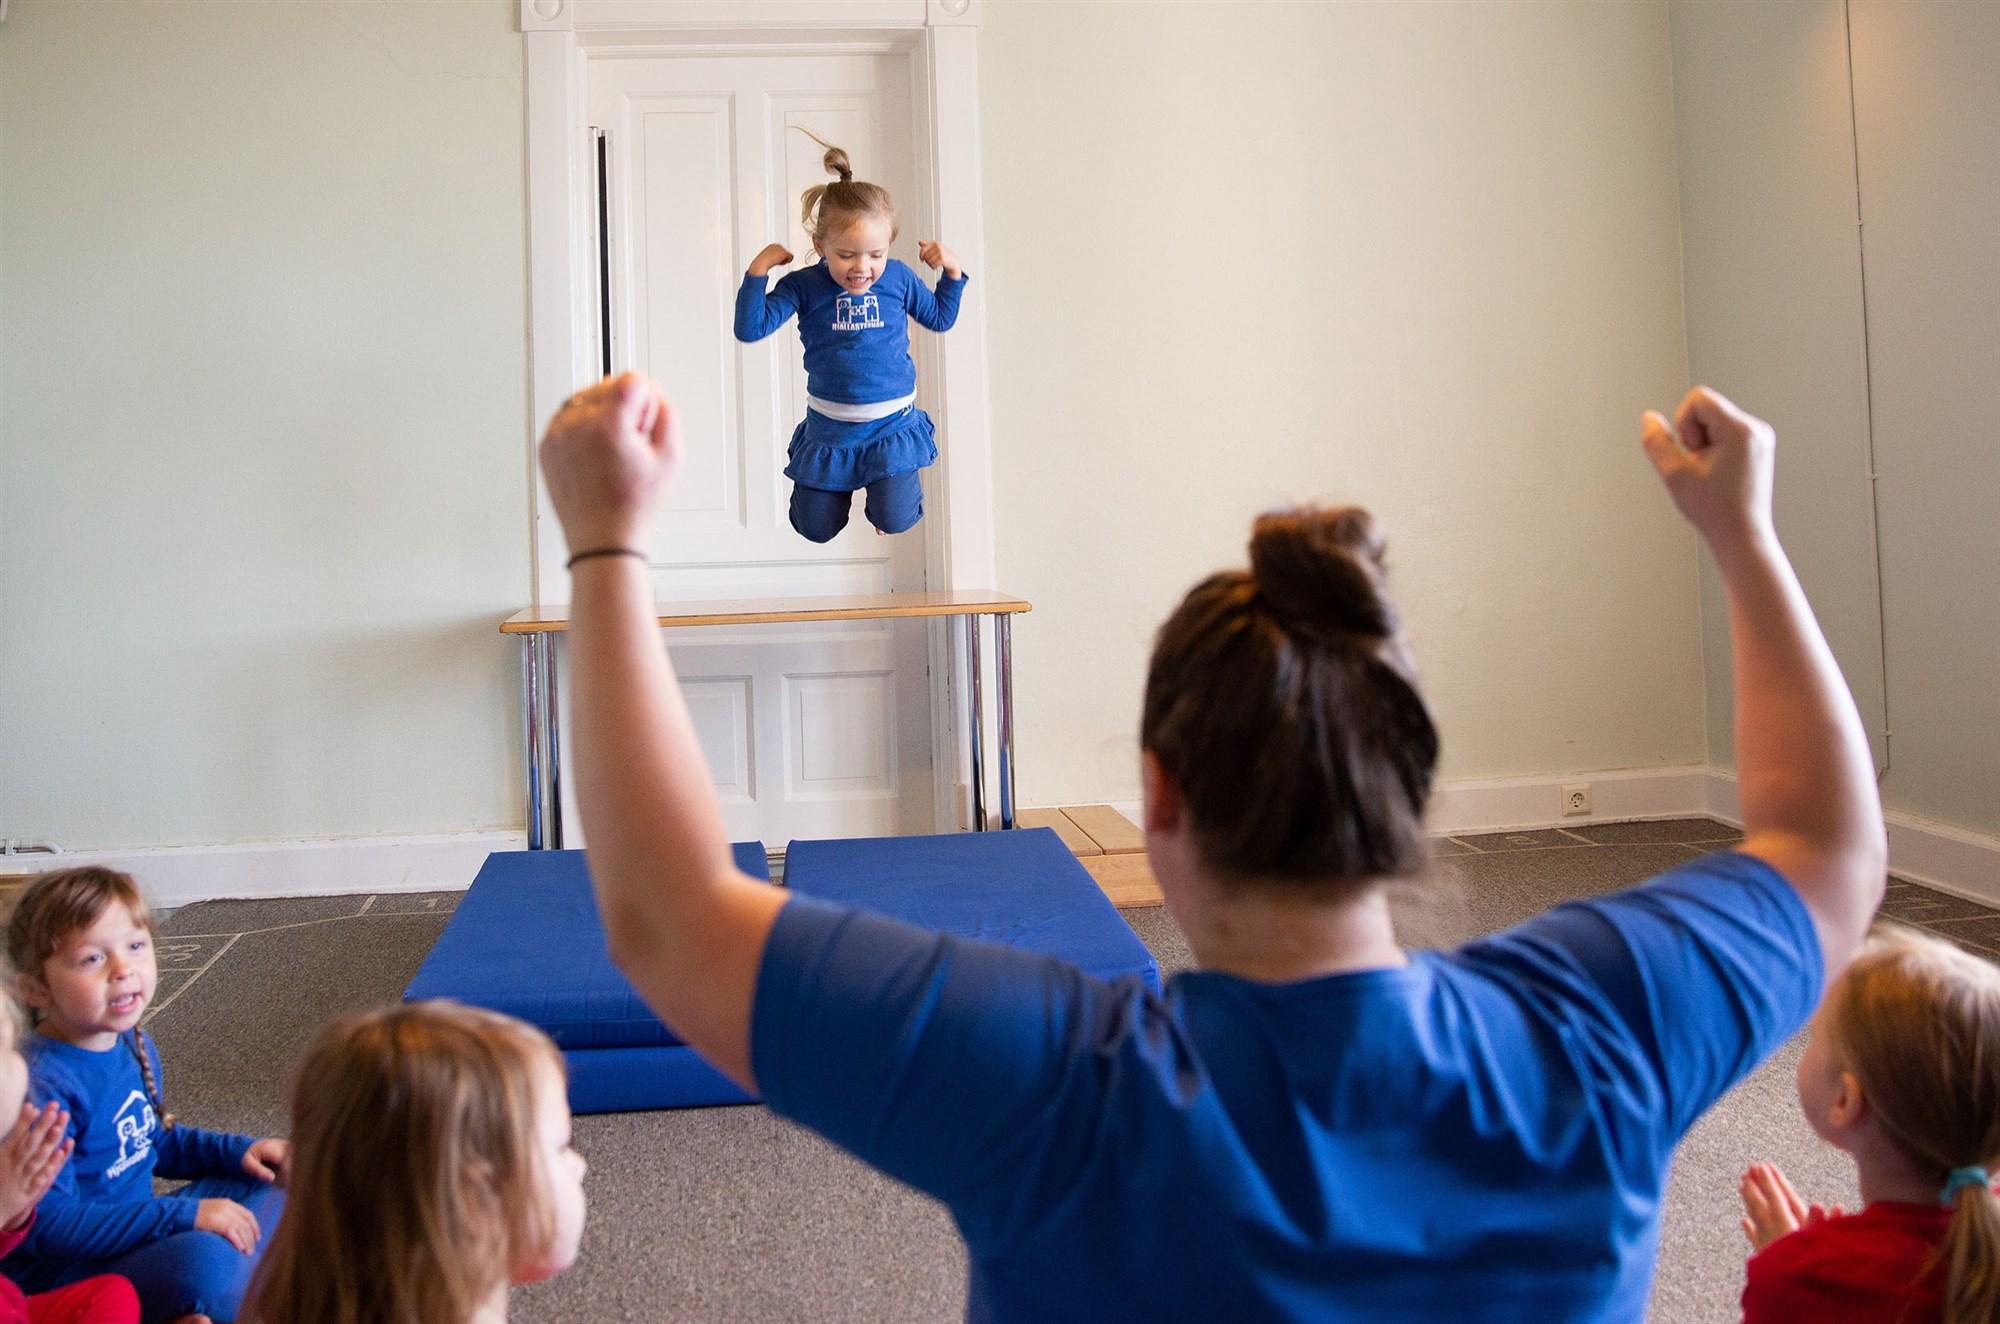 केटाहरुलाई 'बेबी डल' खेलाएर, केटीहरुलाई उफ्रन लगाएर लैँगिक समानता सिकाउँदै आइसल्यान्डको स्कूल